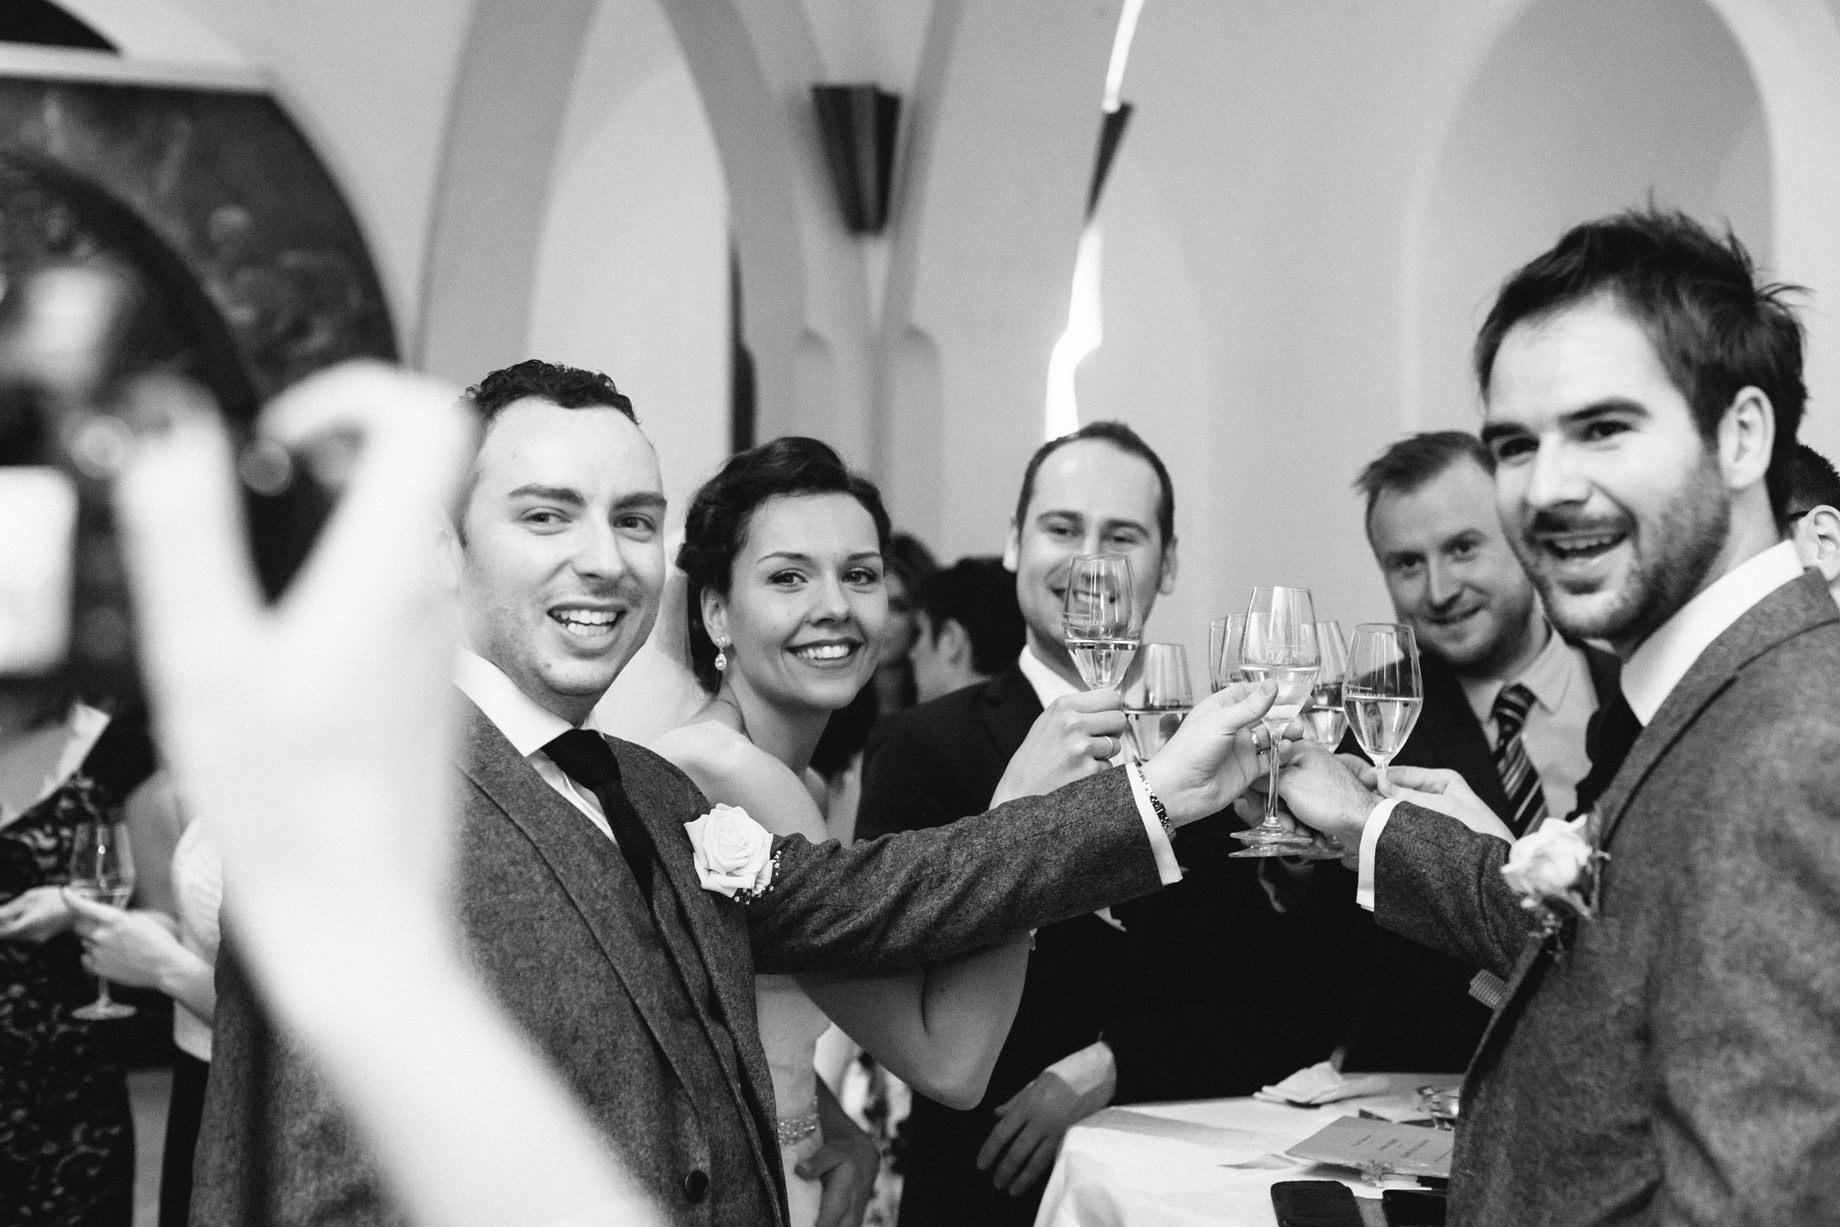 Hochzeit im Bremer Ratskeller